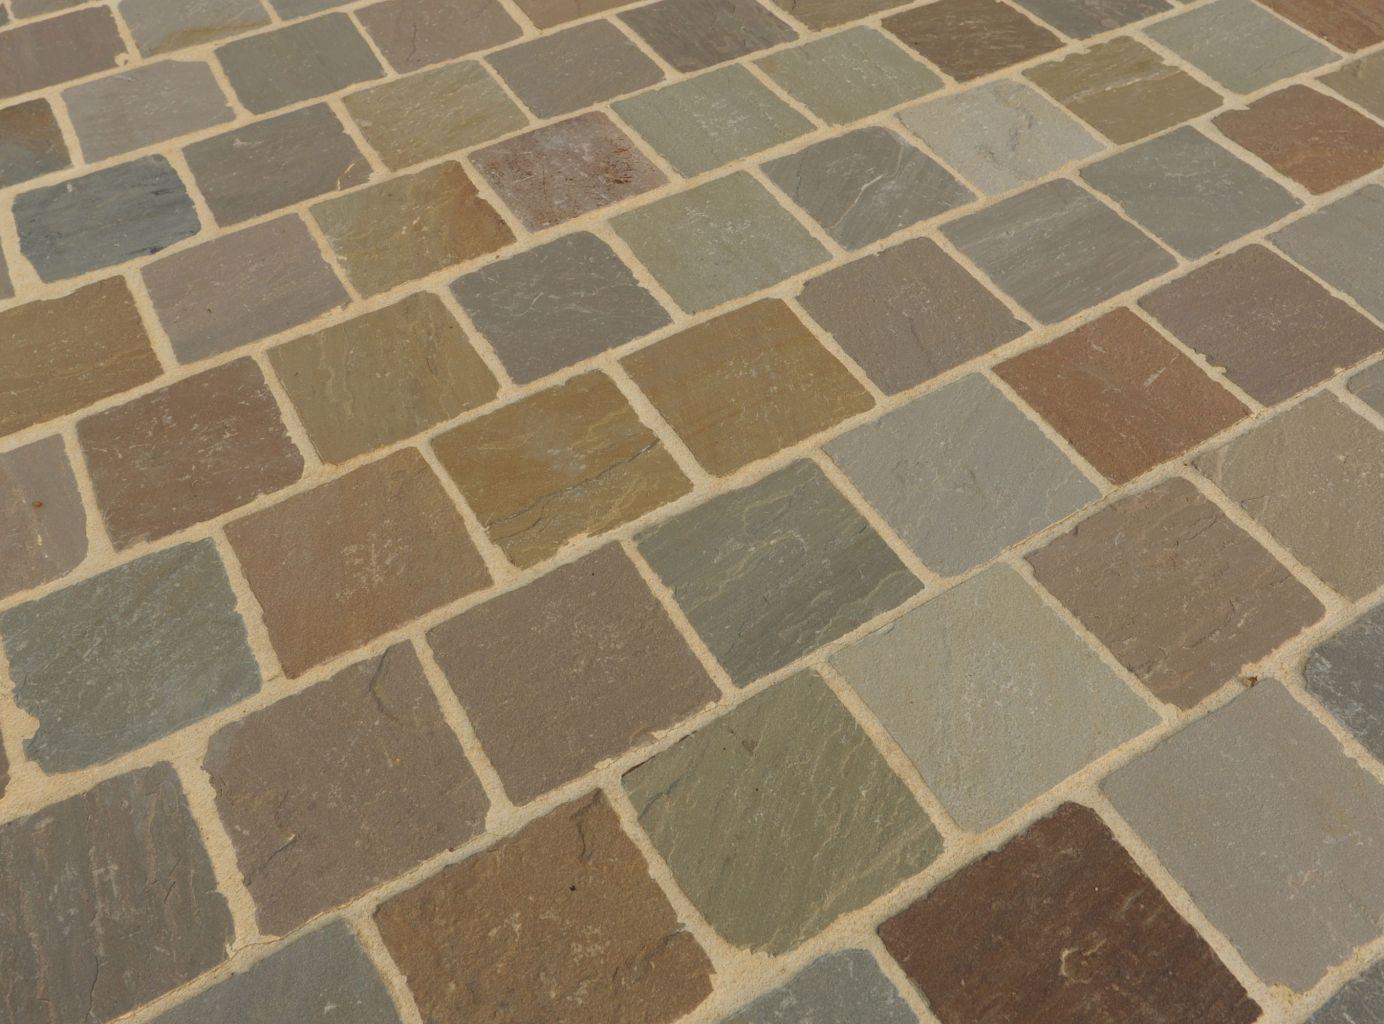 Pav kandla en gr s multicolor 14x14 et 14x20 bca mat riaux anciens - Pave pierre naturelle ...